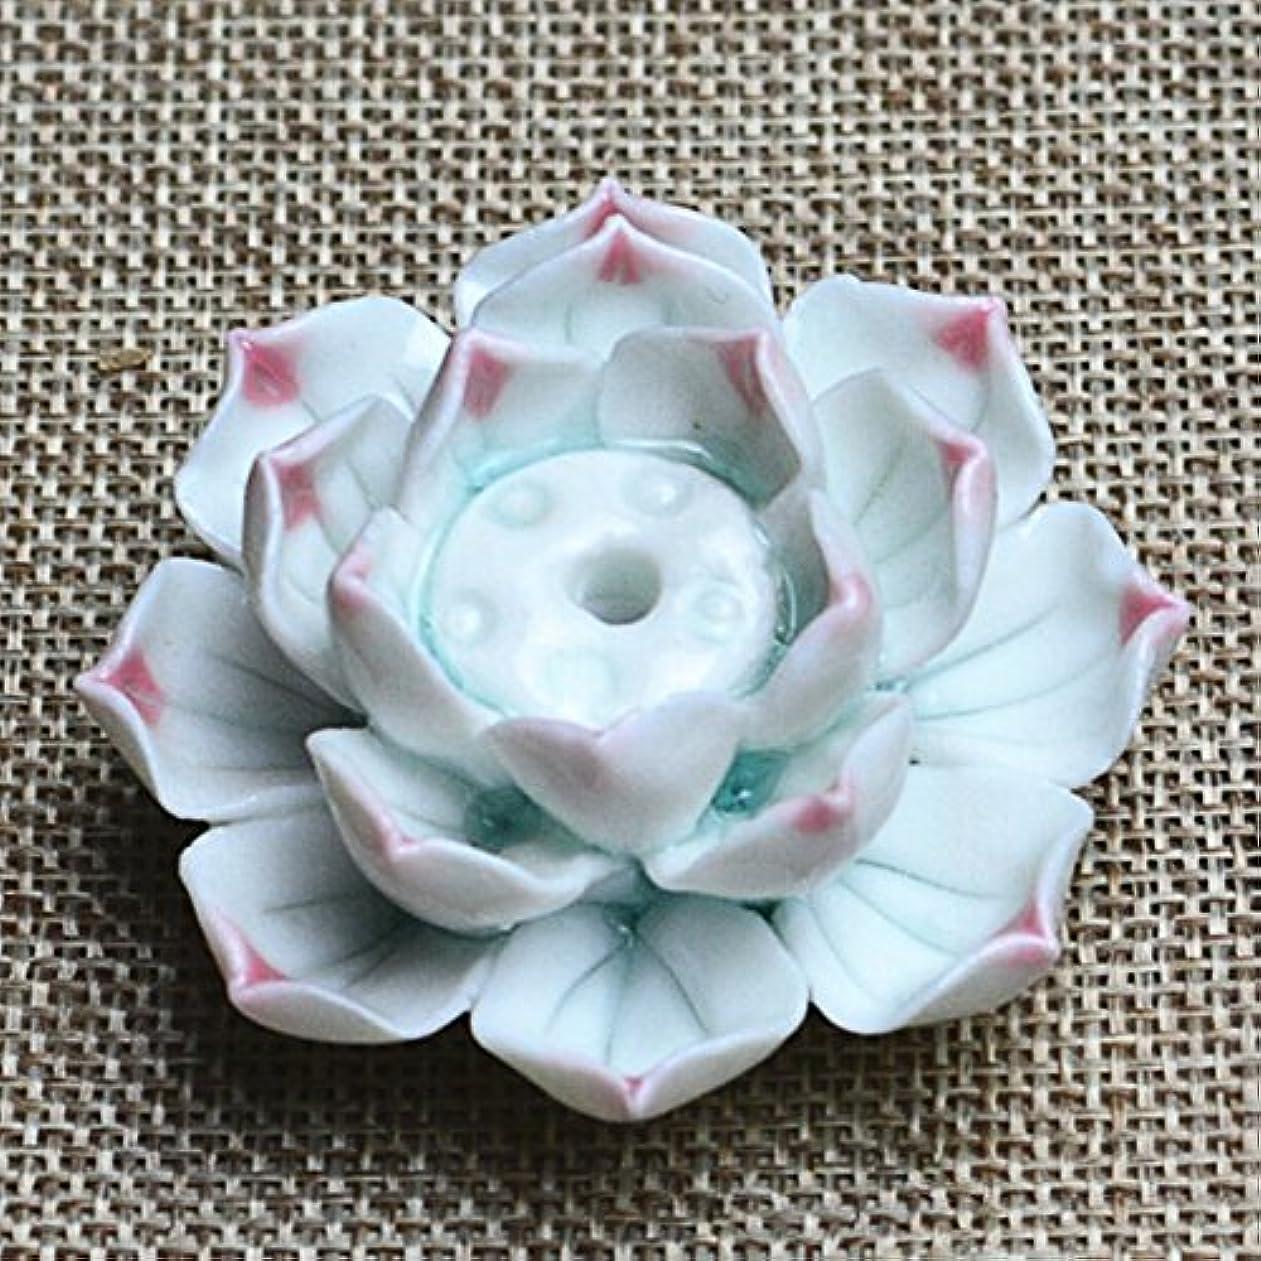 あいまいな標準葉Liebeye セラミック 香炉 バーナー スティック ホルダー アッシュ キャッチャー プレート 1/3穴 ピンク ポイントの花